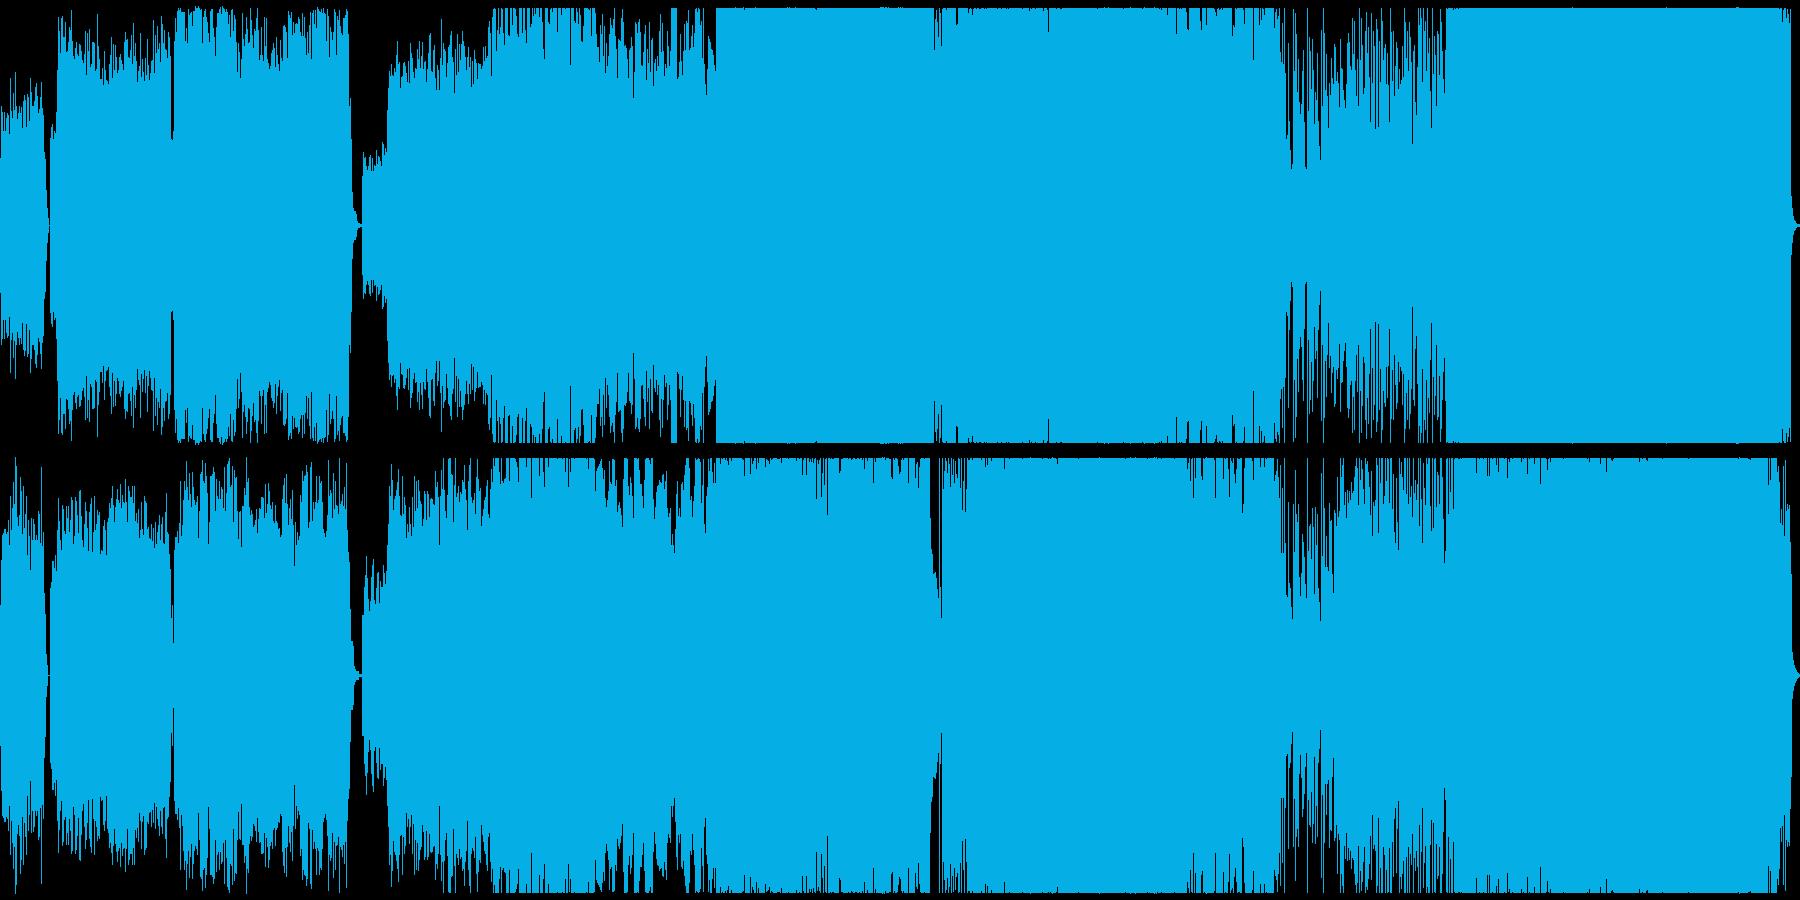 童謡「さくらさくら」ハードロックアレンジの再生済みの波形